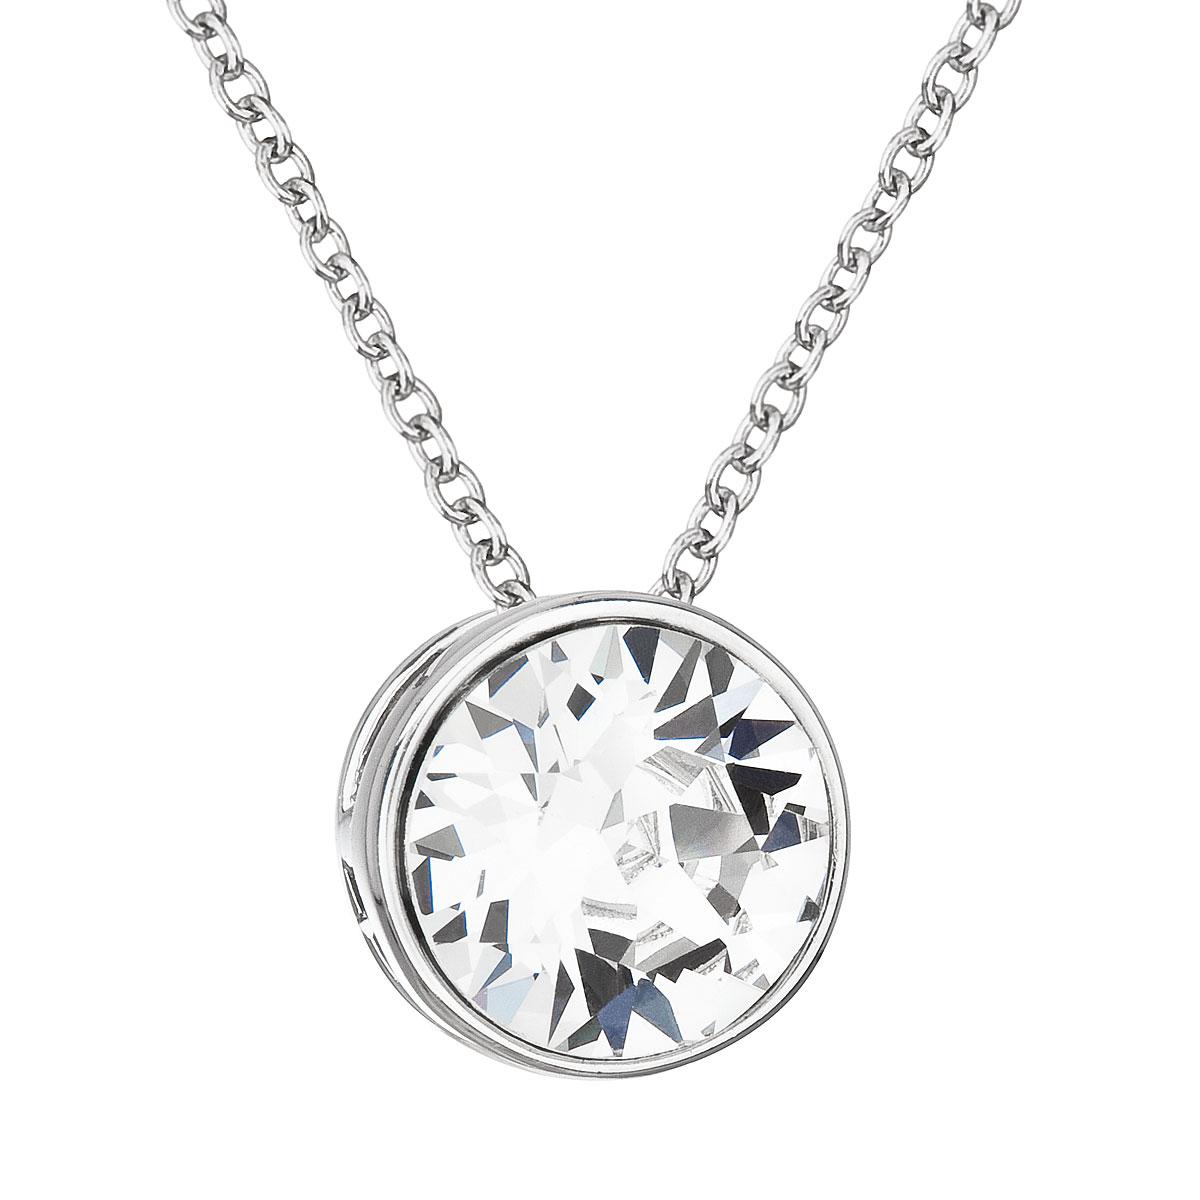 Strieborný náhrdelník s krištálom Swarovski biely okrúhly 32069.1